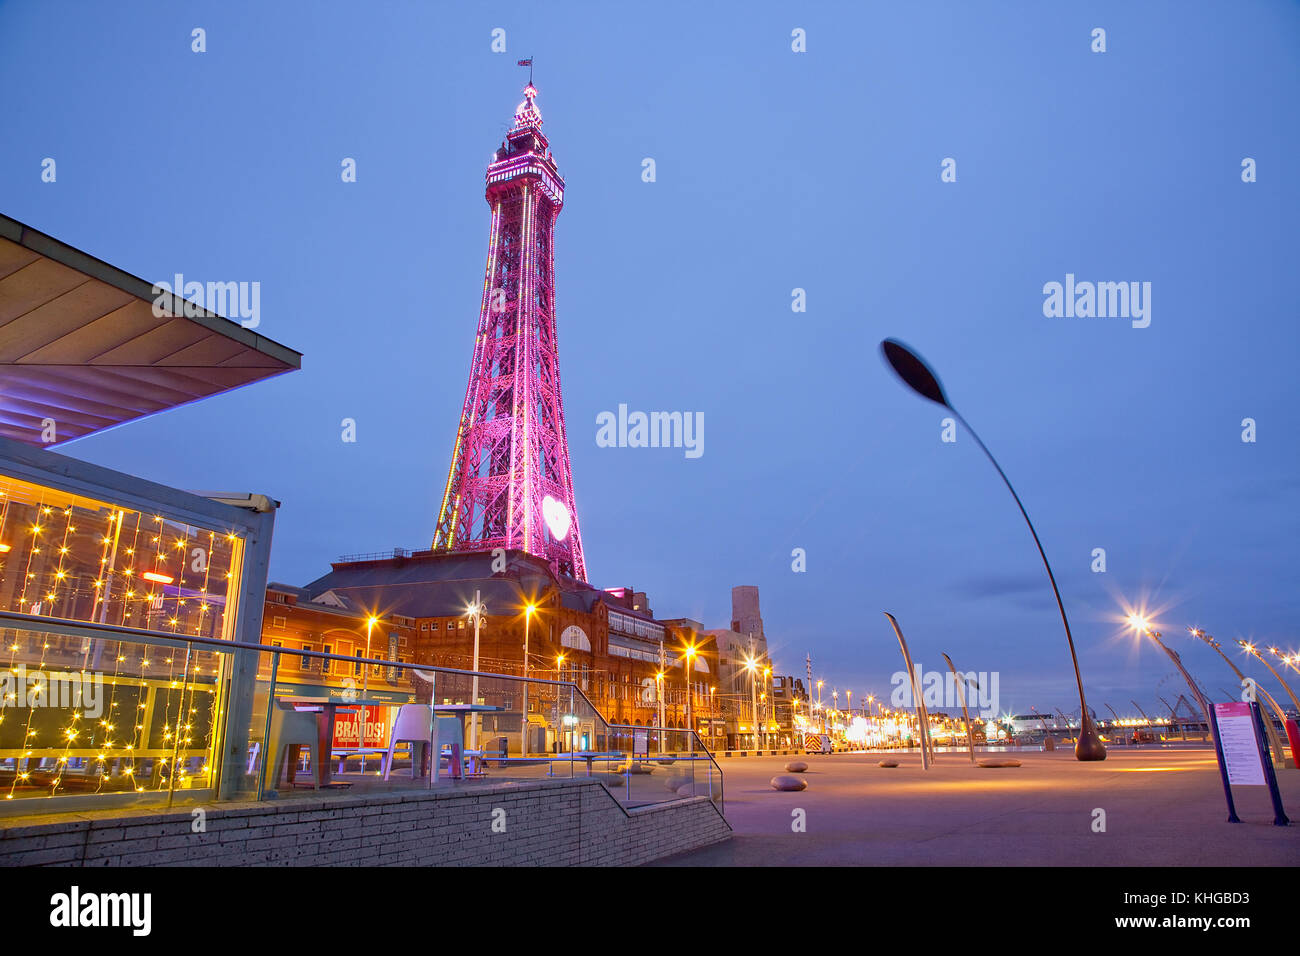 England, Lancashire, Blackpool, Seafront promenade with Tower illuminated at dusk. Stock Photo